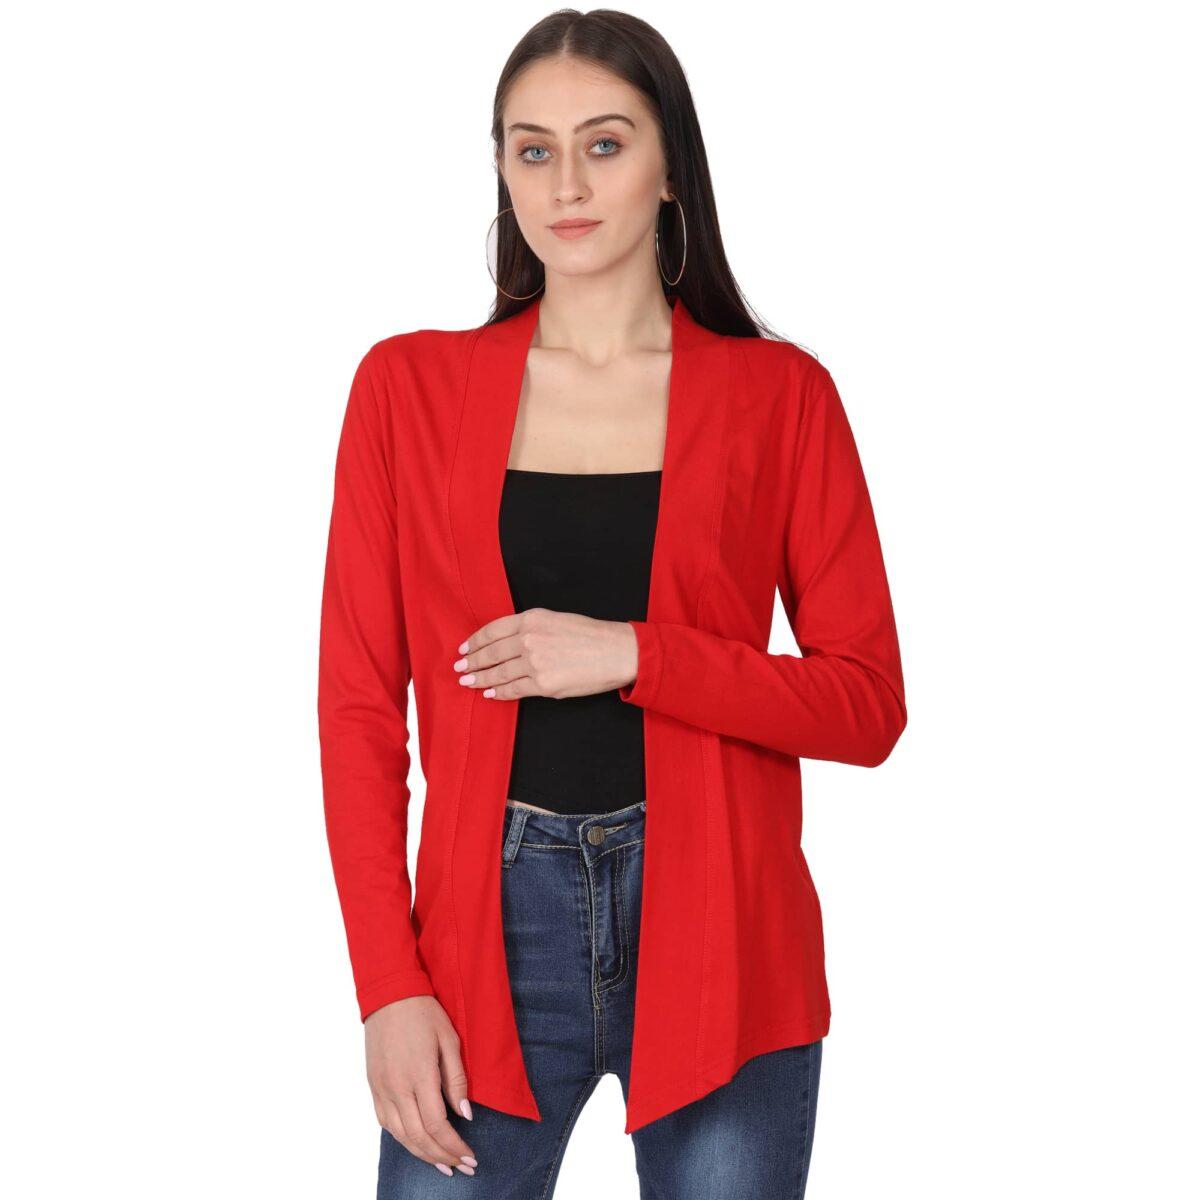 Women Full Sleeve Red Shrug